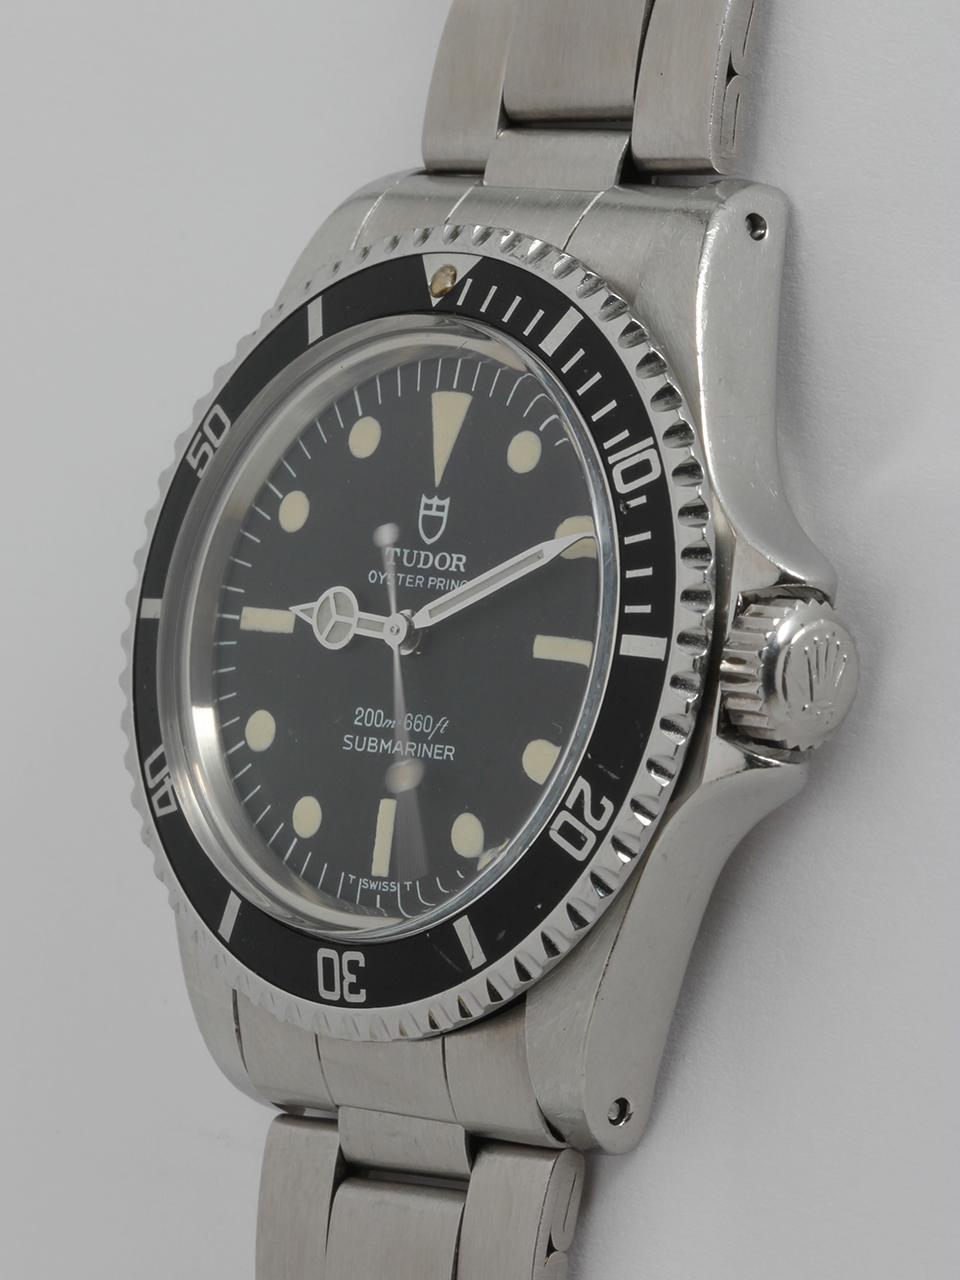 Tudor Submariner ref 94010 circa 1980's